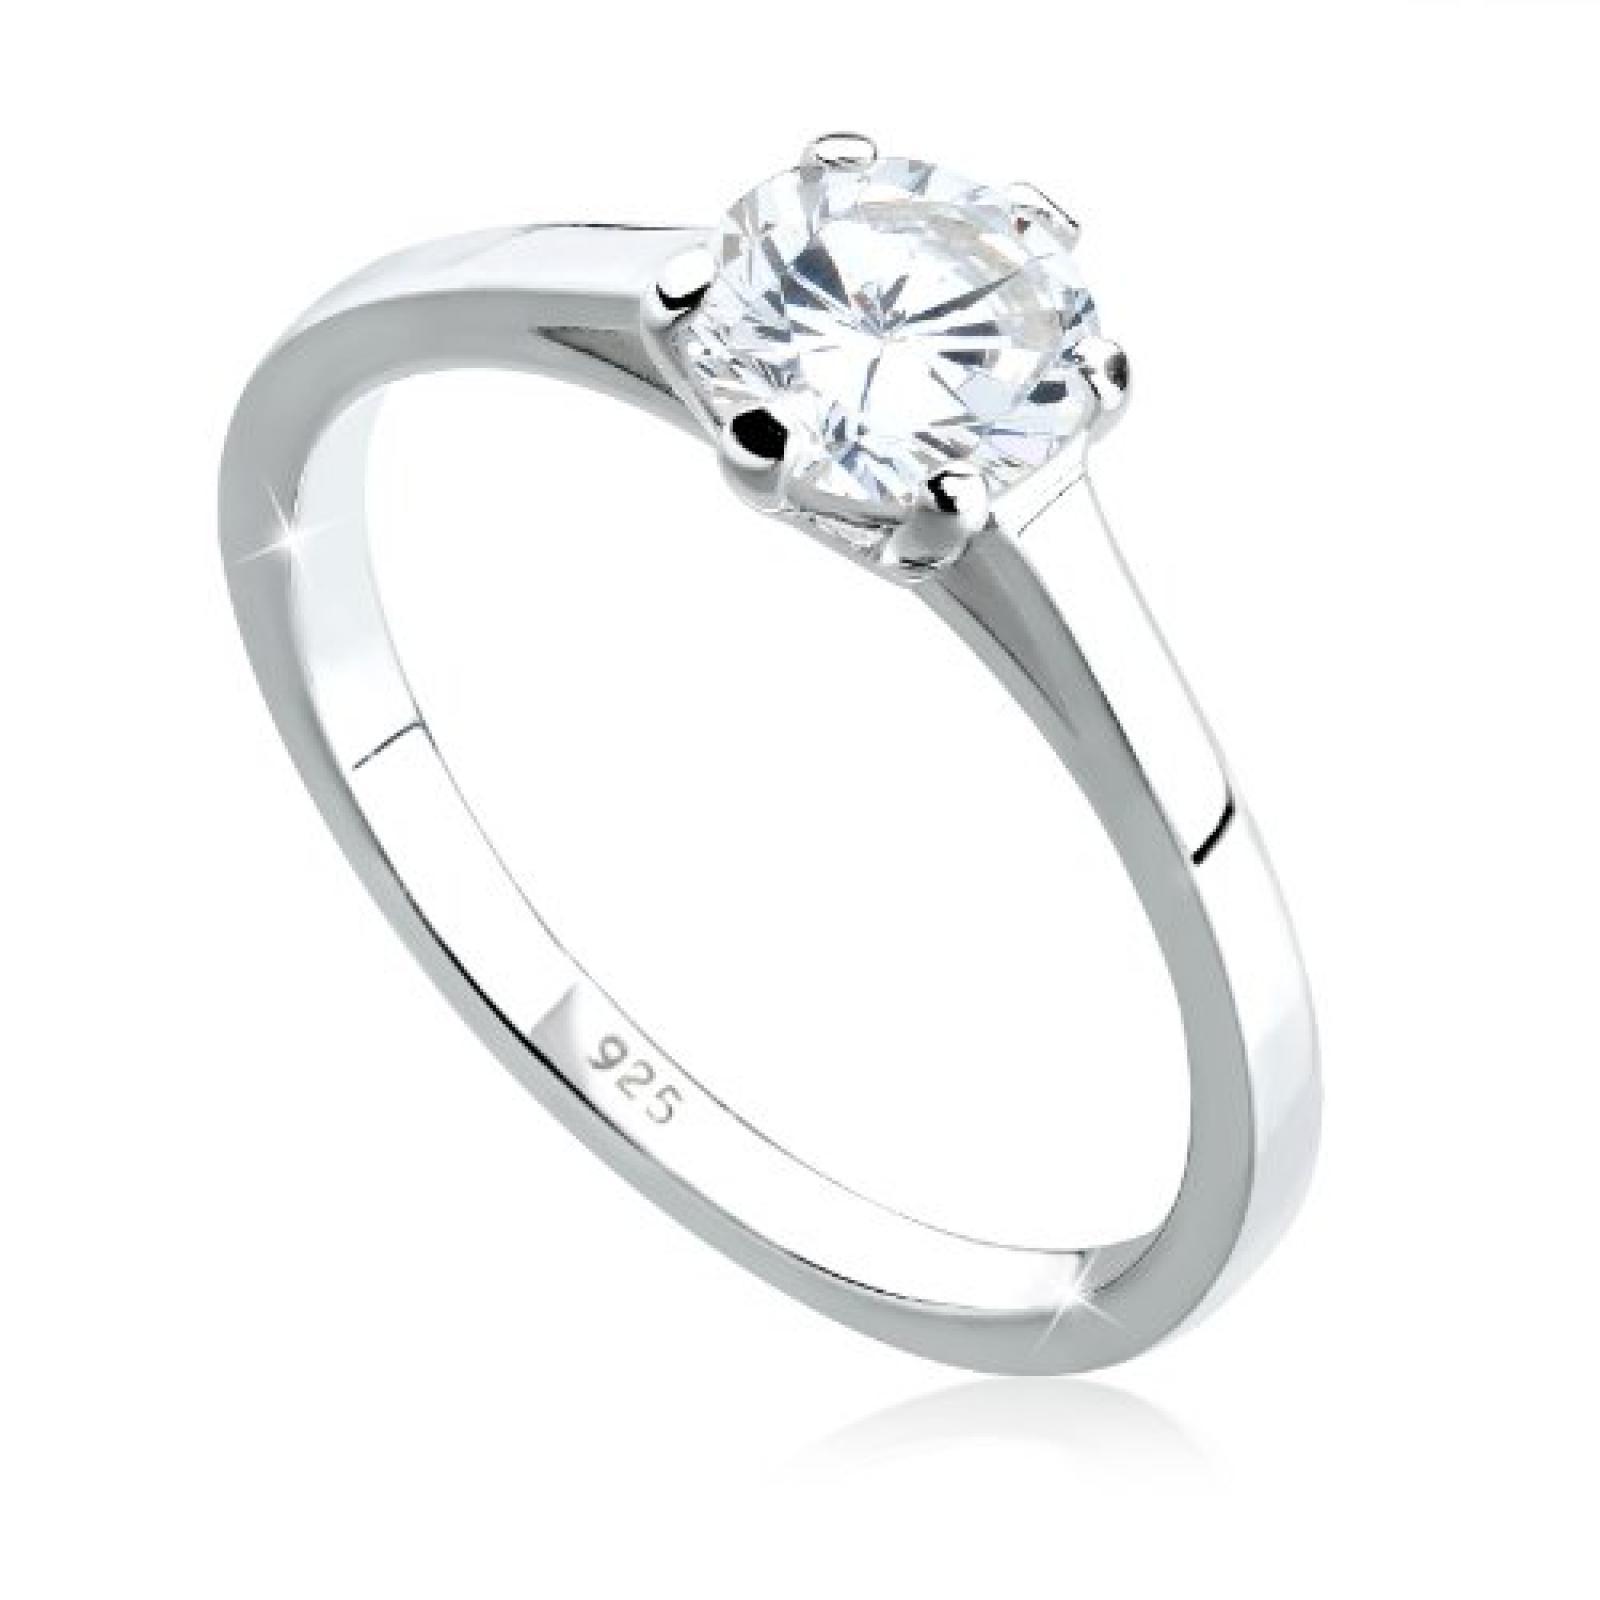 Elli Damen-Ring Klassik 925 Silber 0601713012